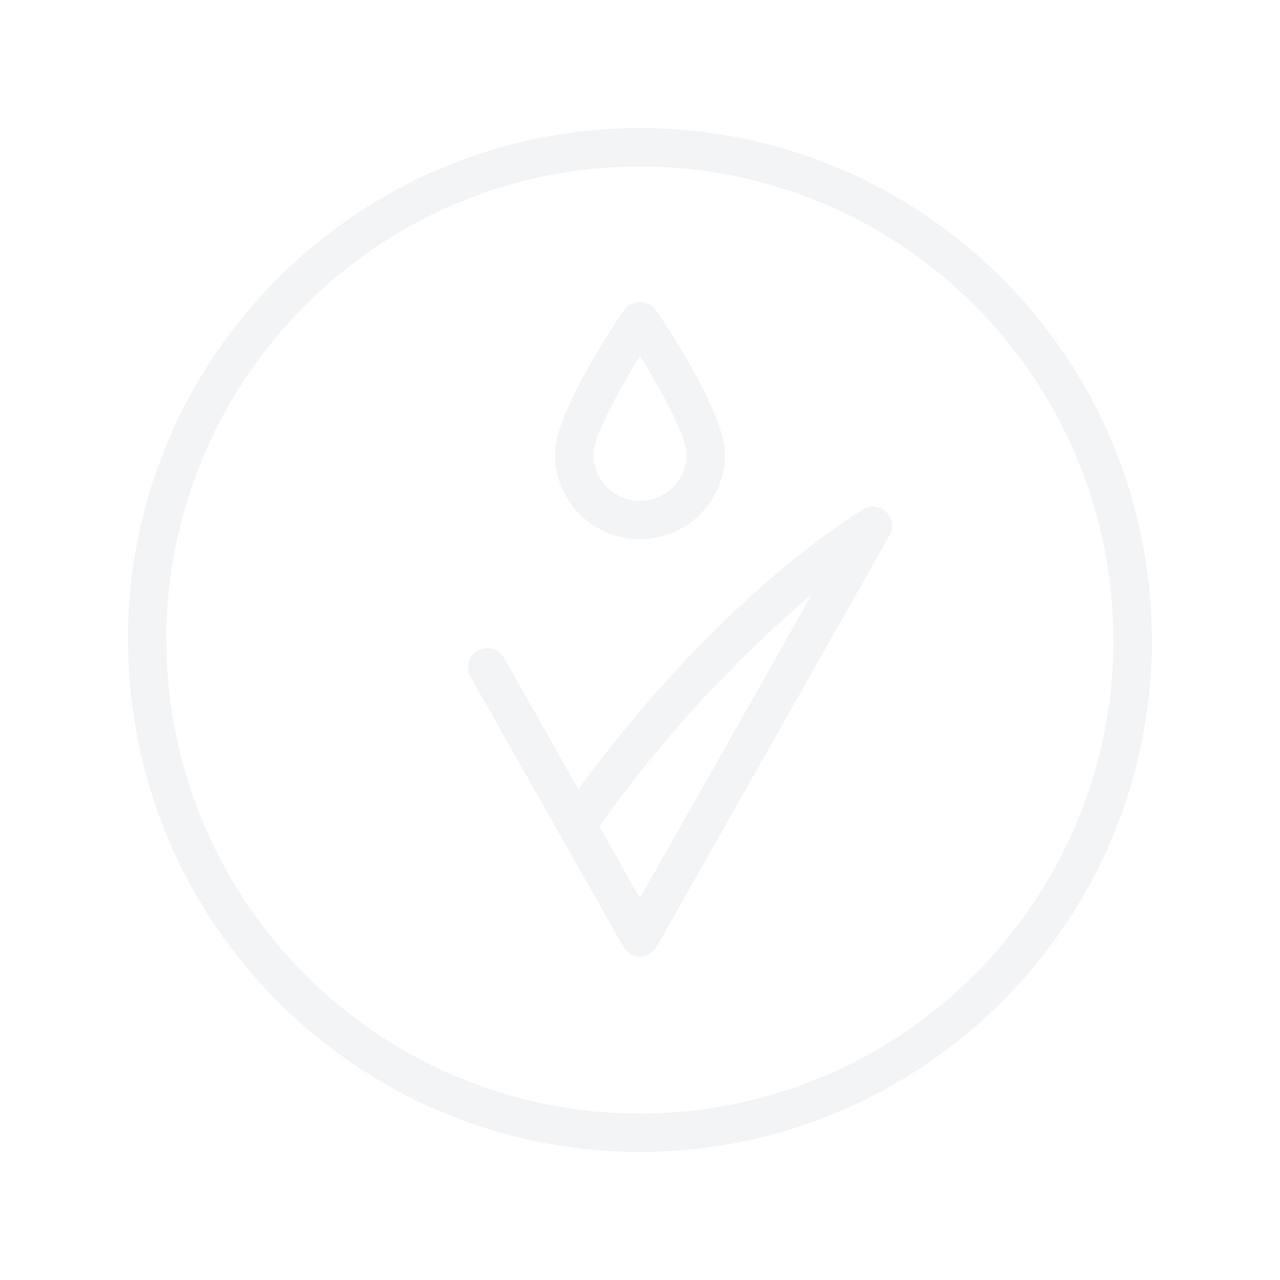 L'OREAL PROFESSIONNEL Vitamino Color A-Ox Shampoo 500ml